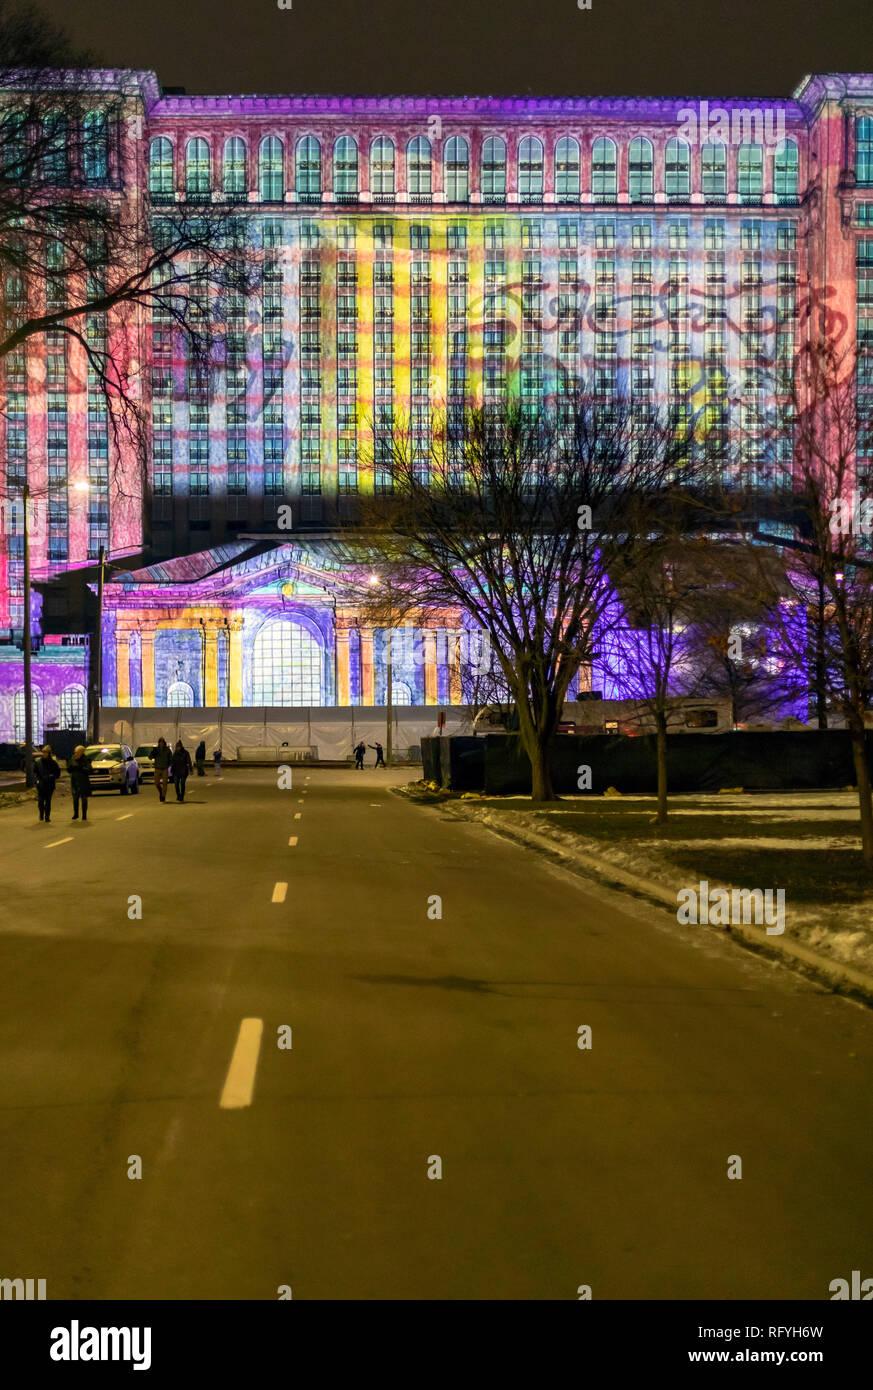 Detroit, Michigan - Ford Motor Company projiziert eine Lichtshow auf die Michigan Central Railroad Station während eines Winter Festival. Ford kaufte die lange Stockbild